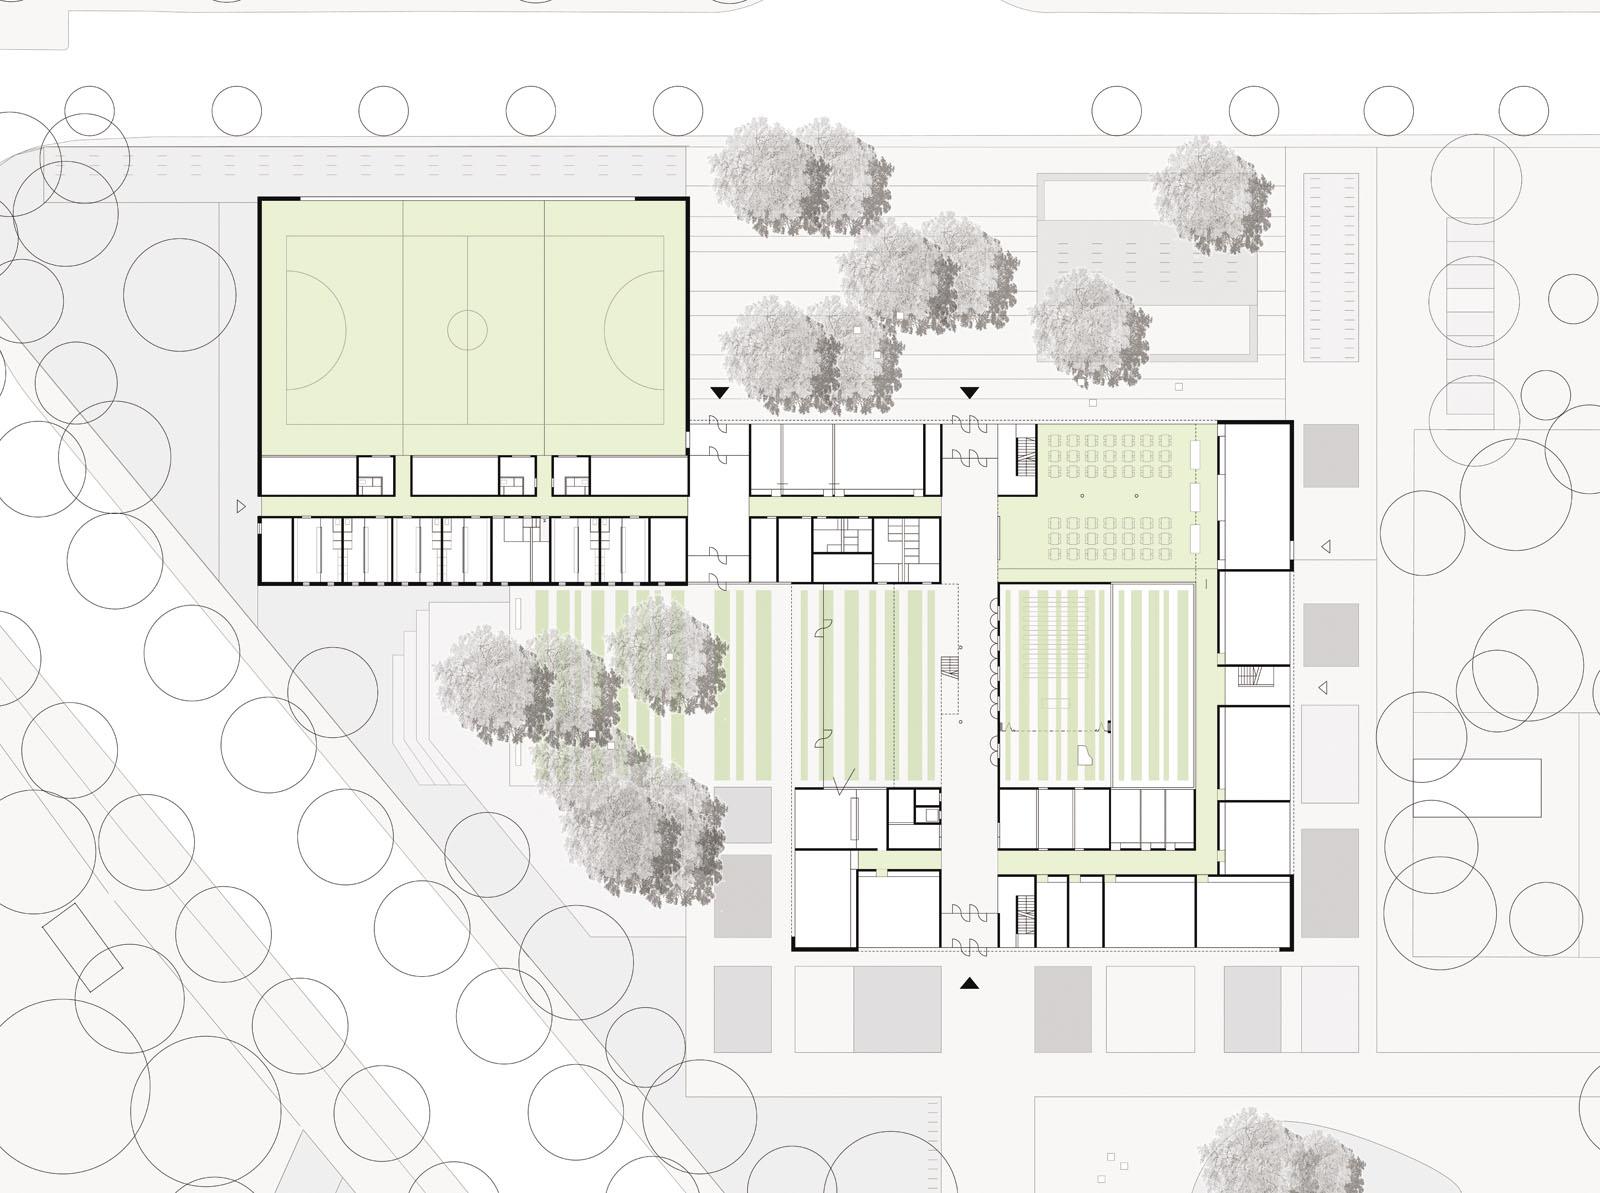 innenhof architektur grundriss mit das im jahr auf renovierte haus berzeugt durch seine. Black Bedroom Furniture Sets. Home Design Ideas